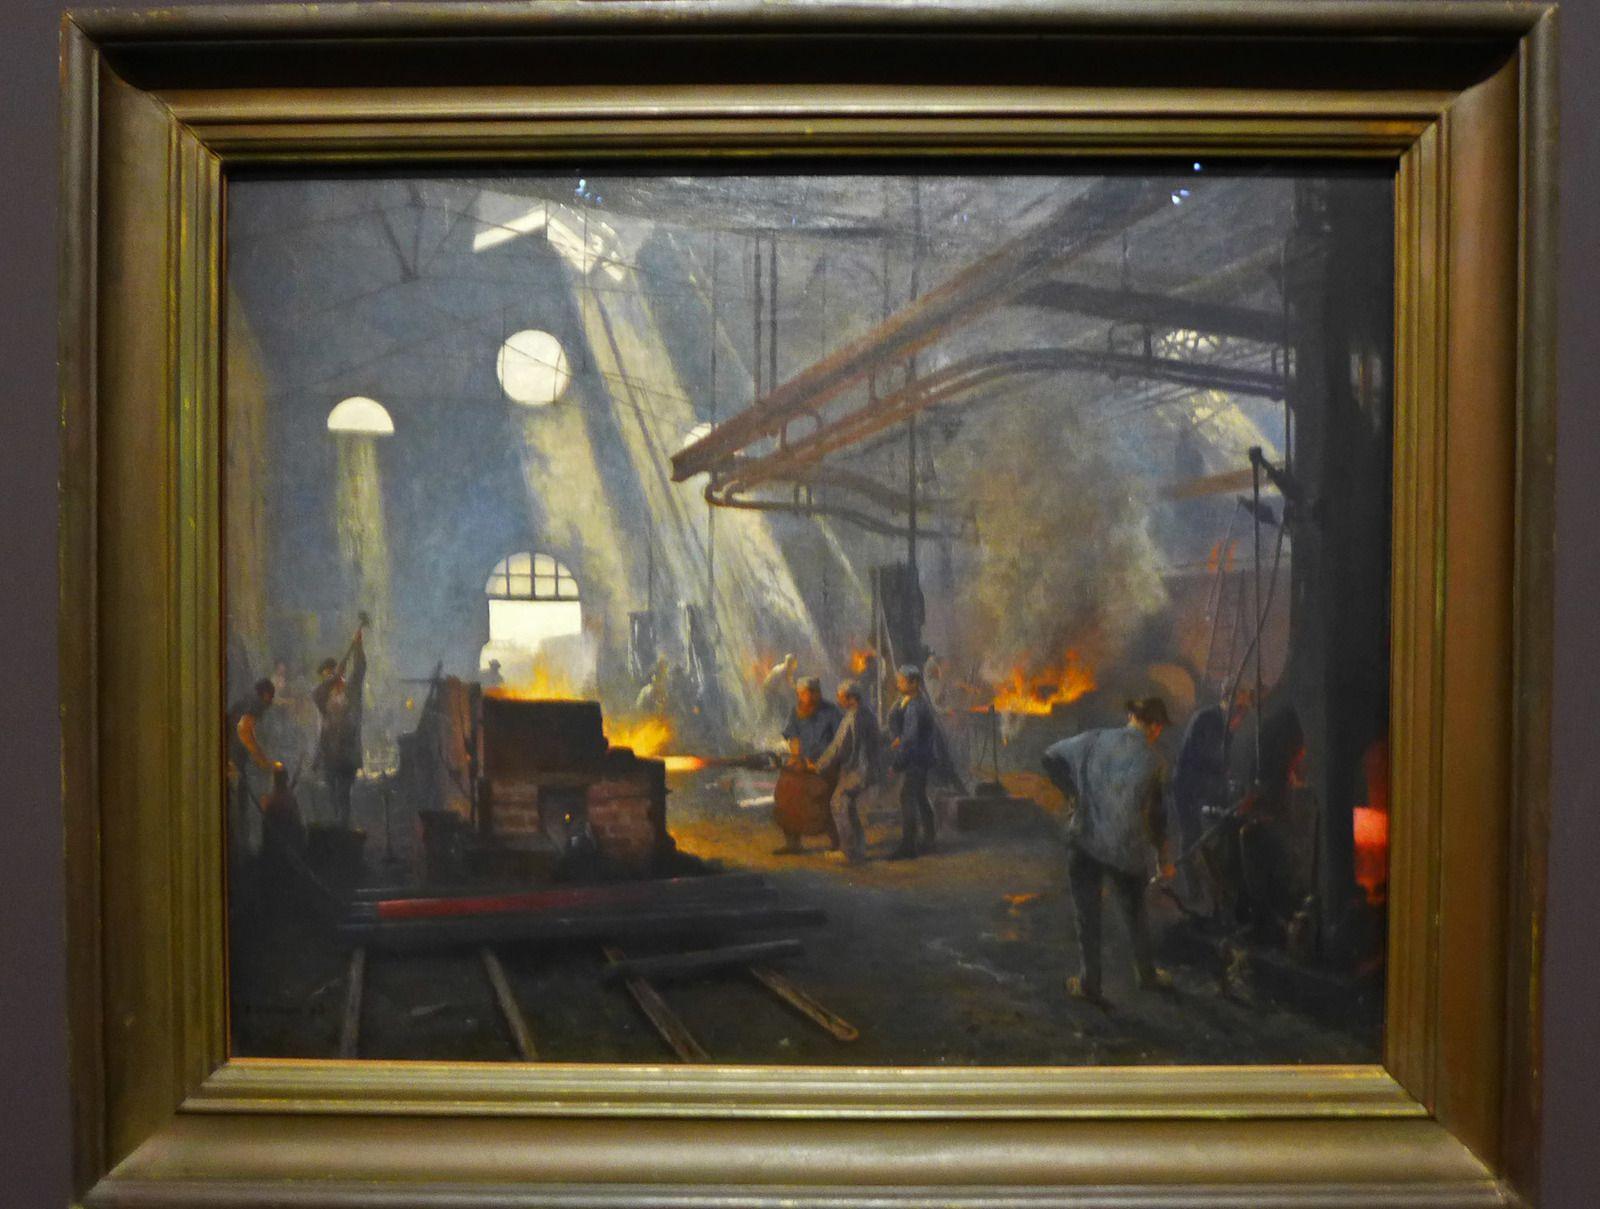 Fernand CORMON (1845-1924), Une forge (1893), Paris-musée d'Orsay